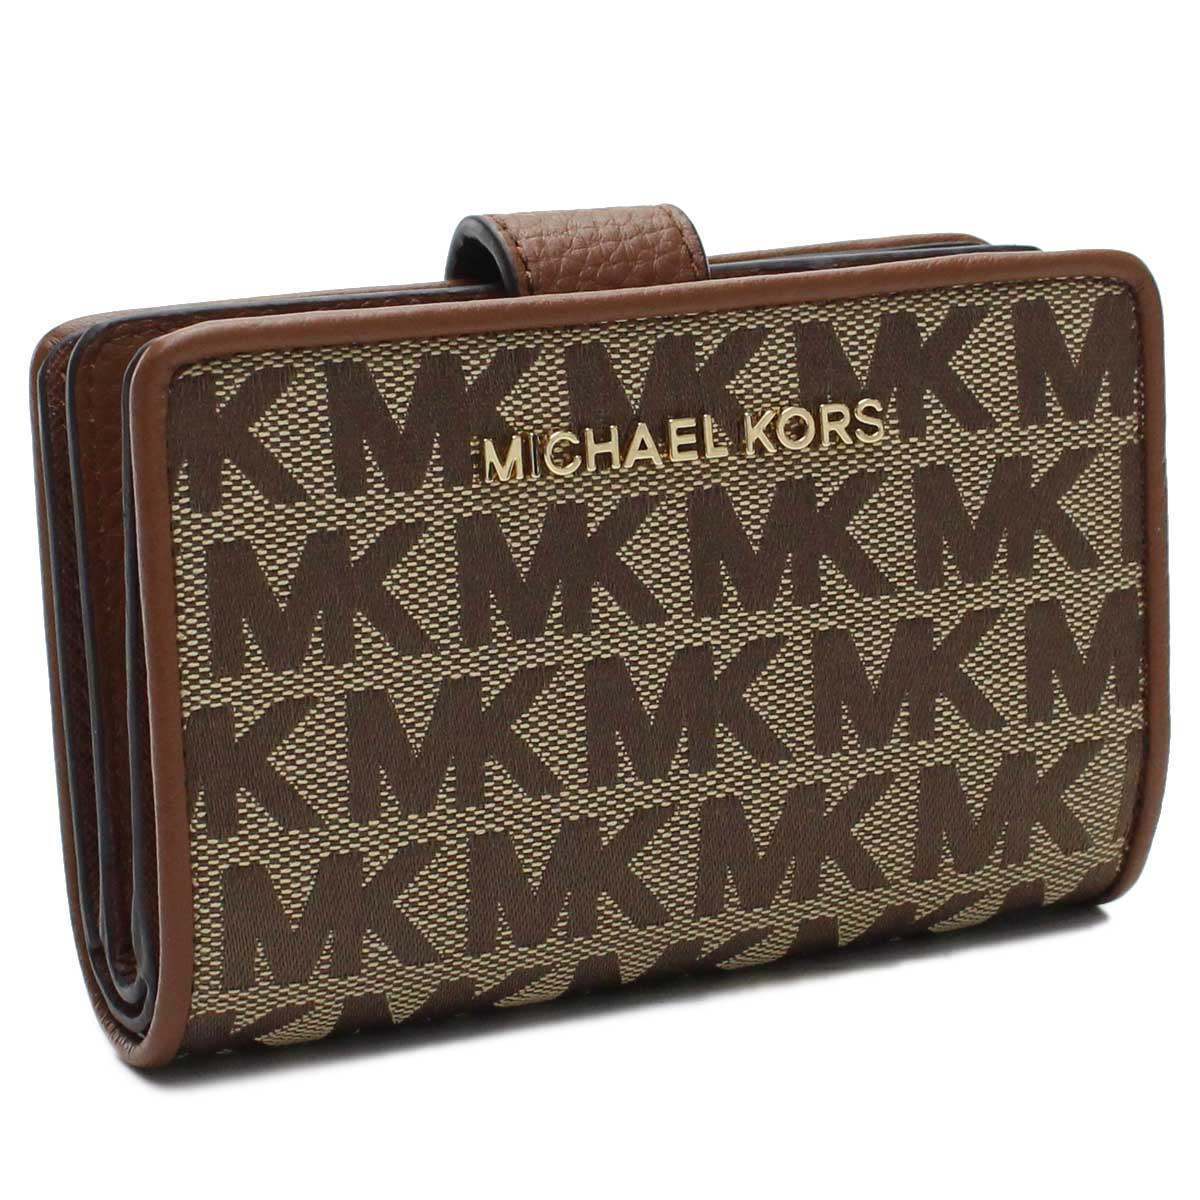 マイケルコースアウトレット MICHAEL KORS(OUTLET) 2つ折り財布 35T9GTVF2J BG/EBONY ブラウン系 レディース ブランド 財布 サイフ ウォレット さいふ